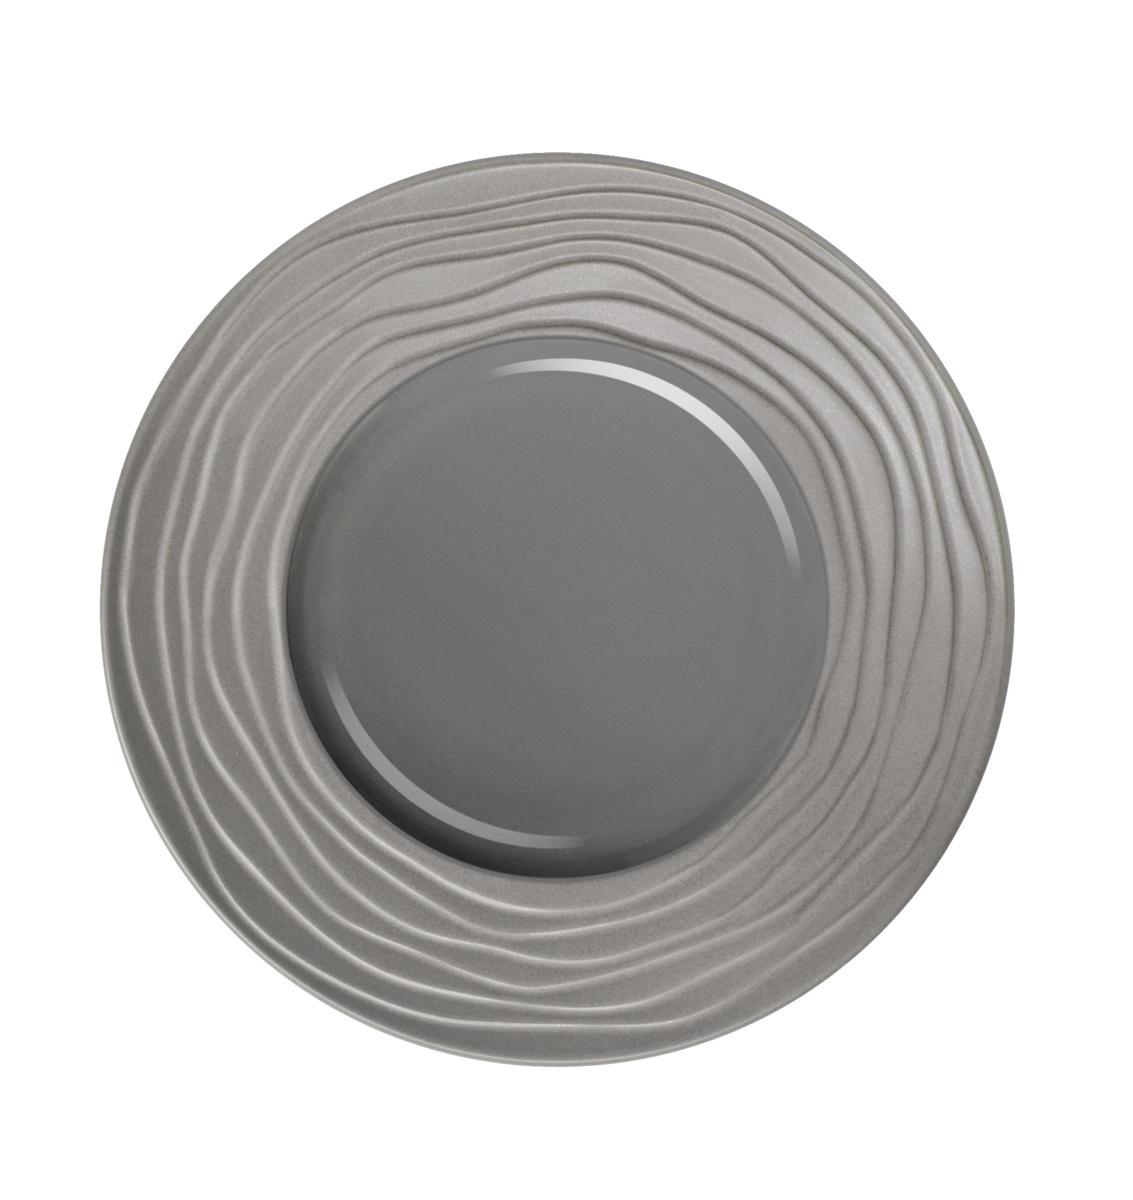 Assiette plate ronde gris grès Ø 21,50 cm Escale Medard De Noblat